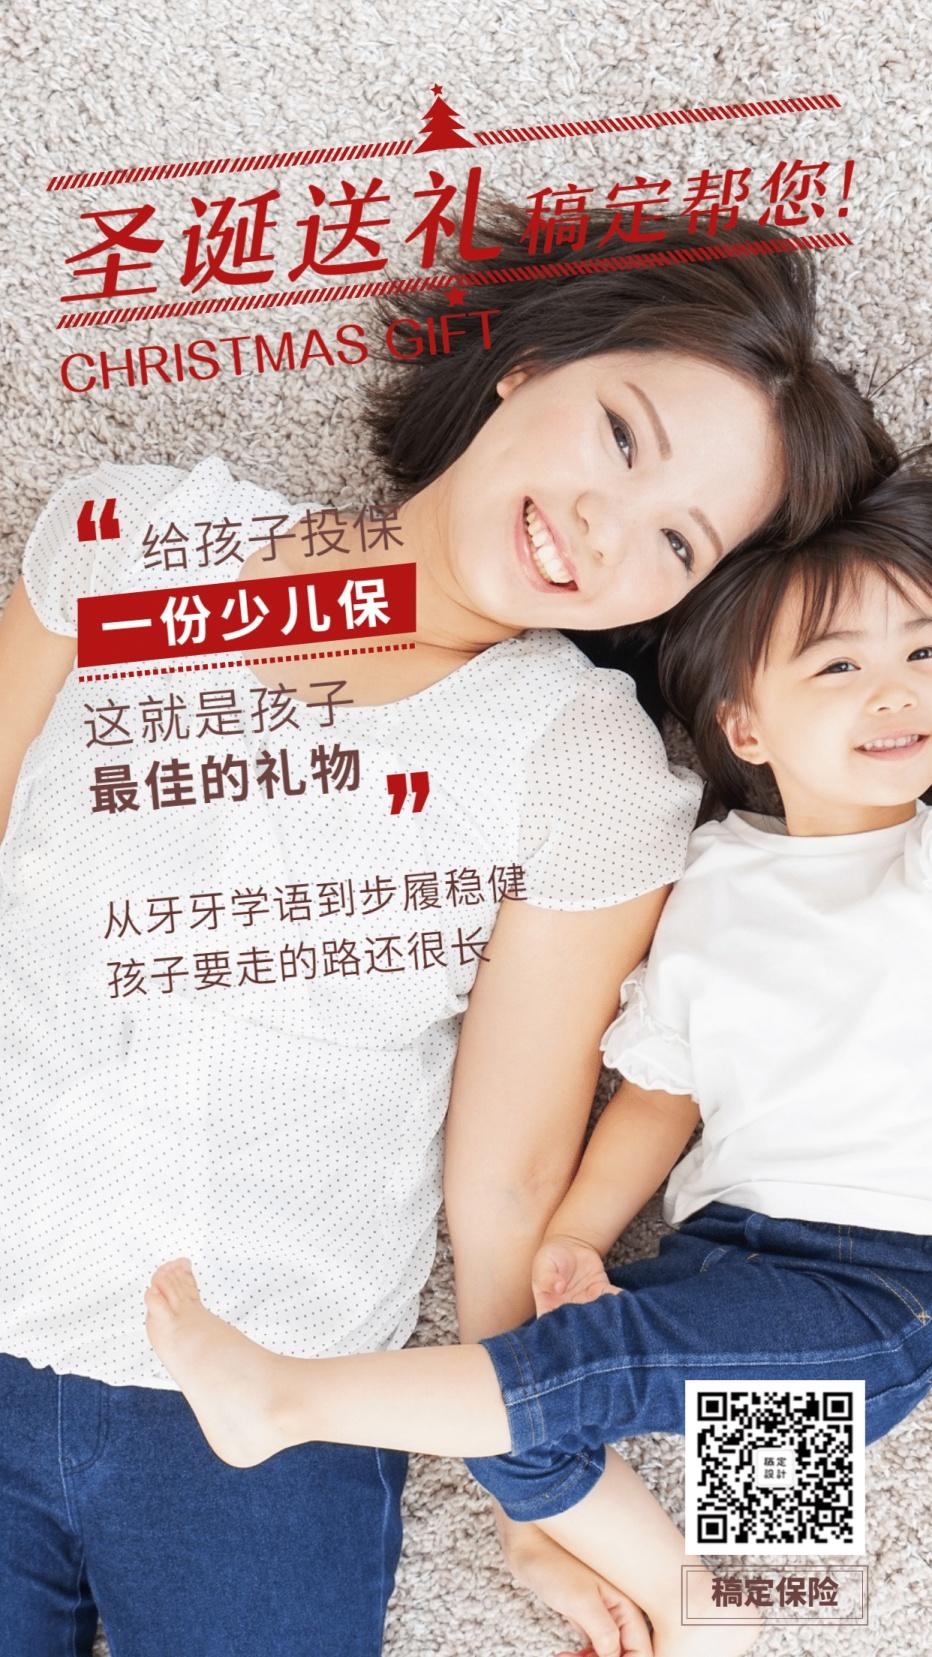 产品营销圣诞节少儿保险手机海报